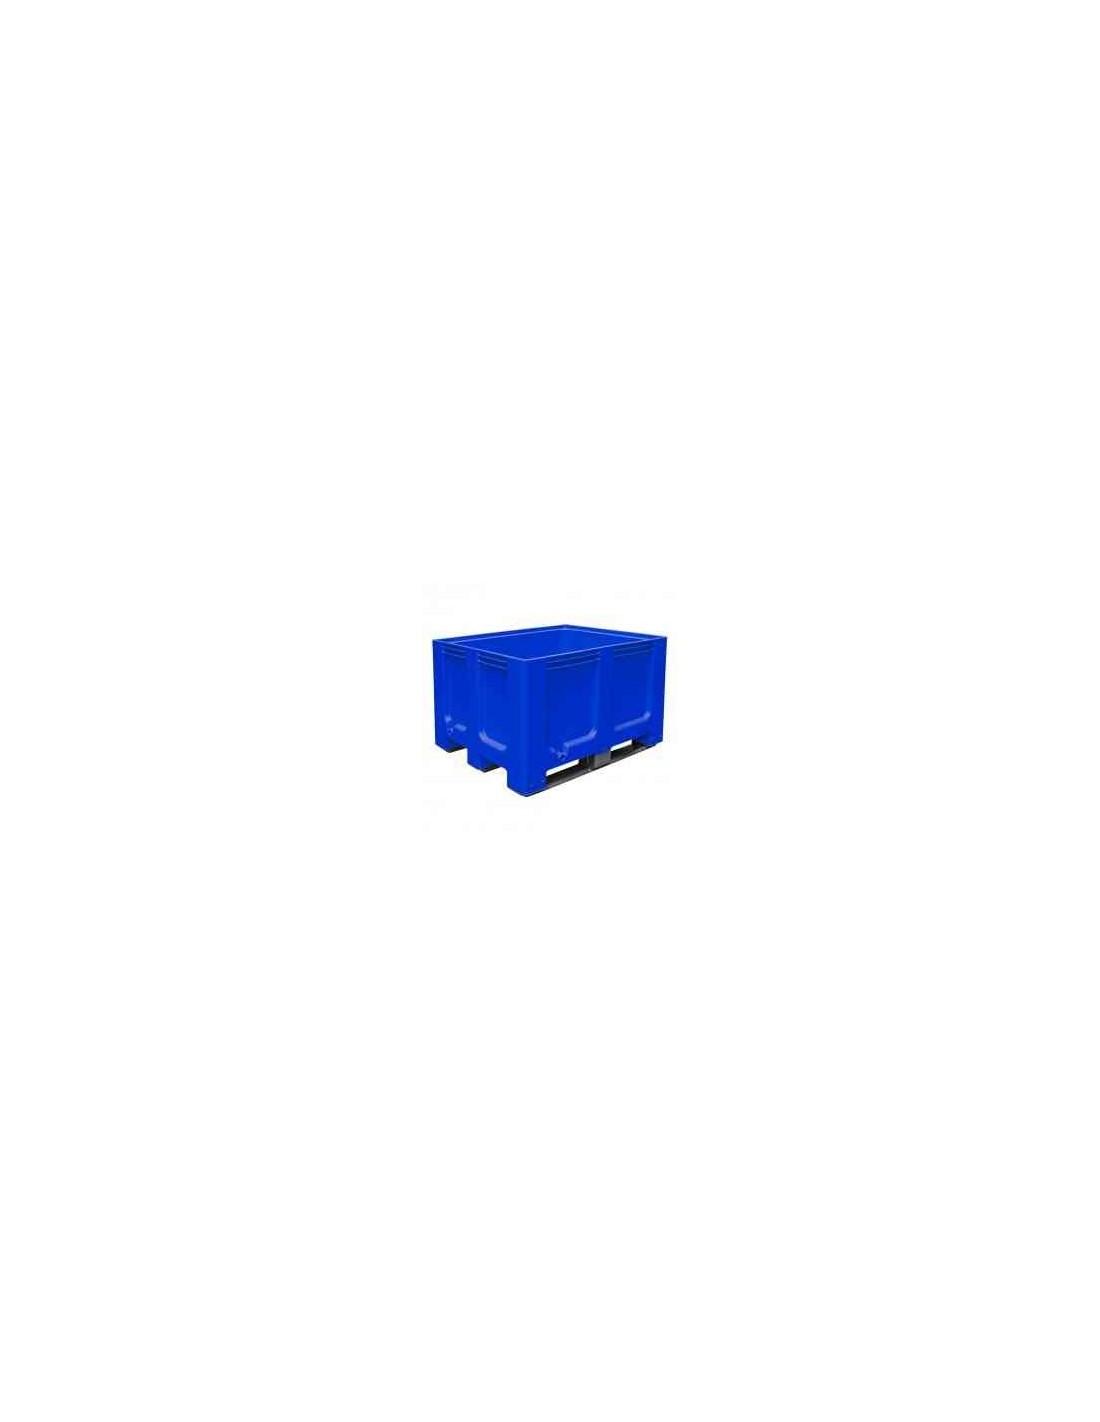 1000 x 1200 mm Großbox mit Kufen flüssigkeitsdicht